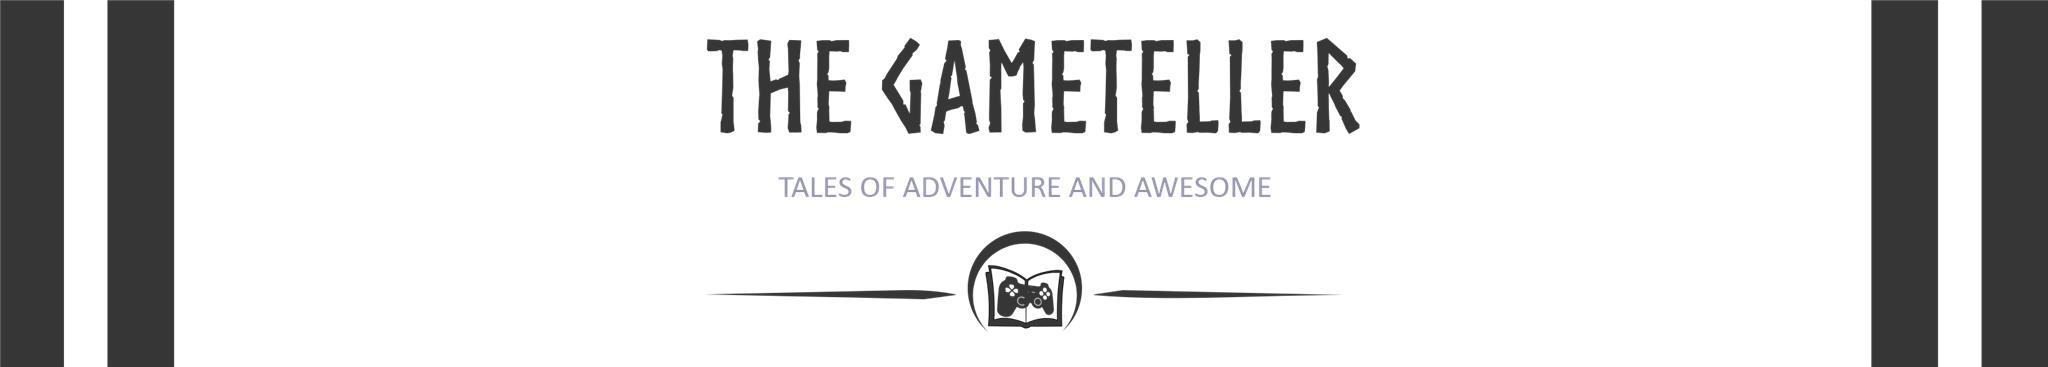 The Gameteller